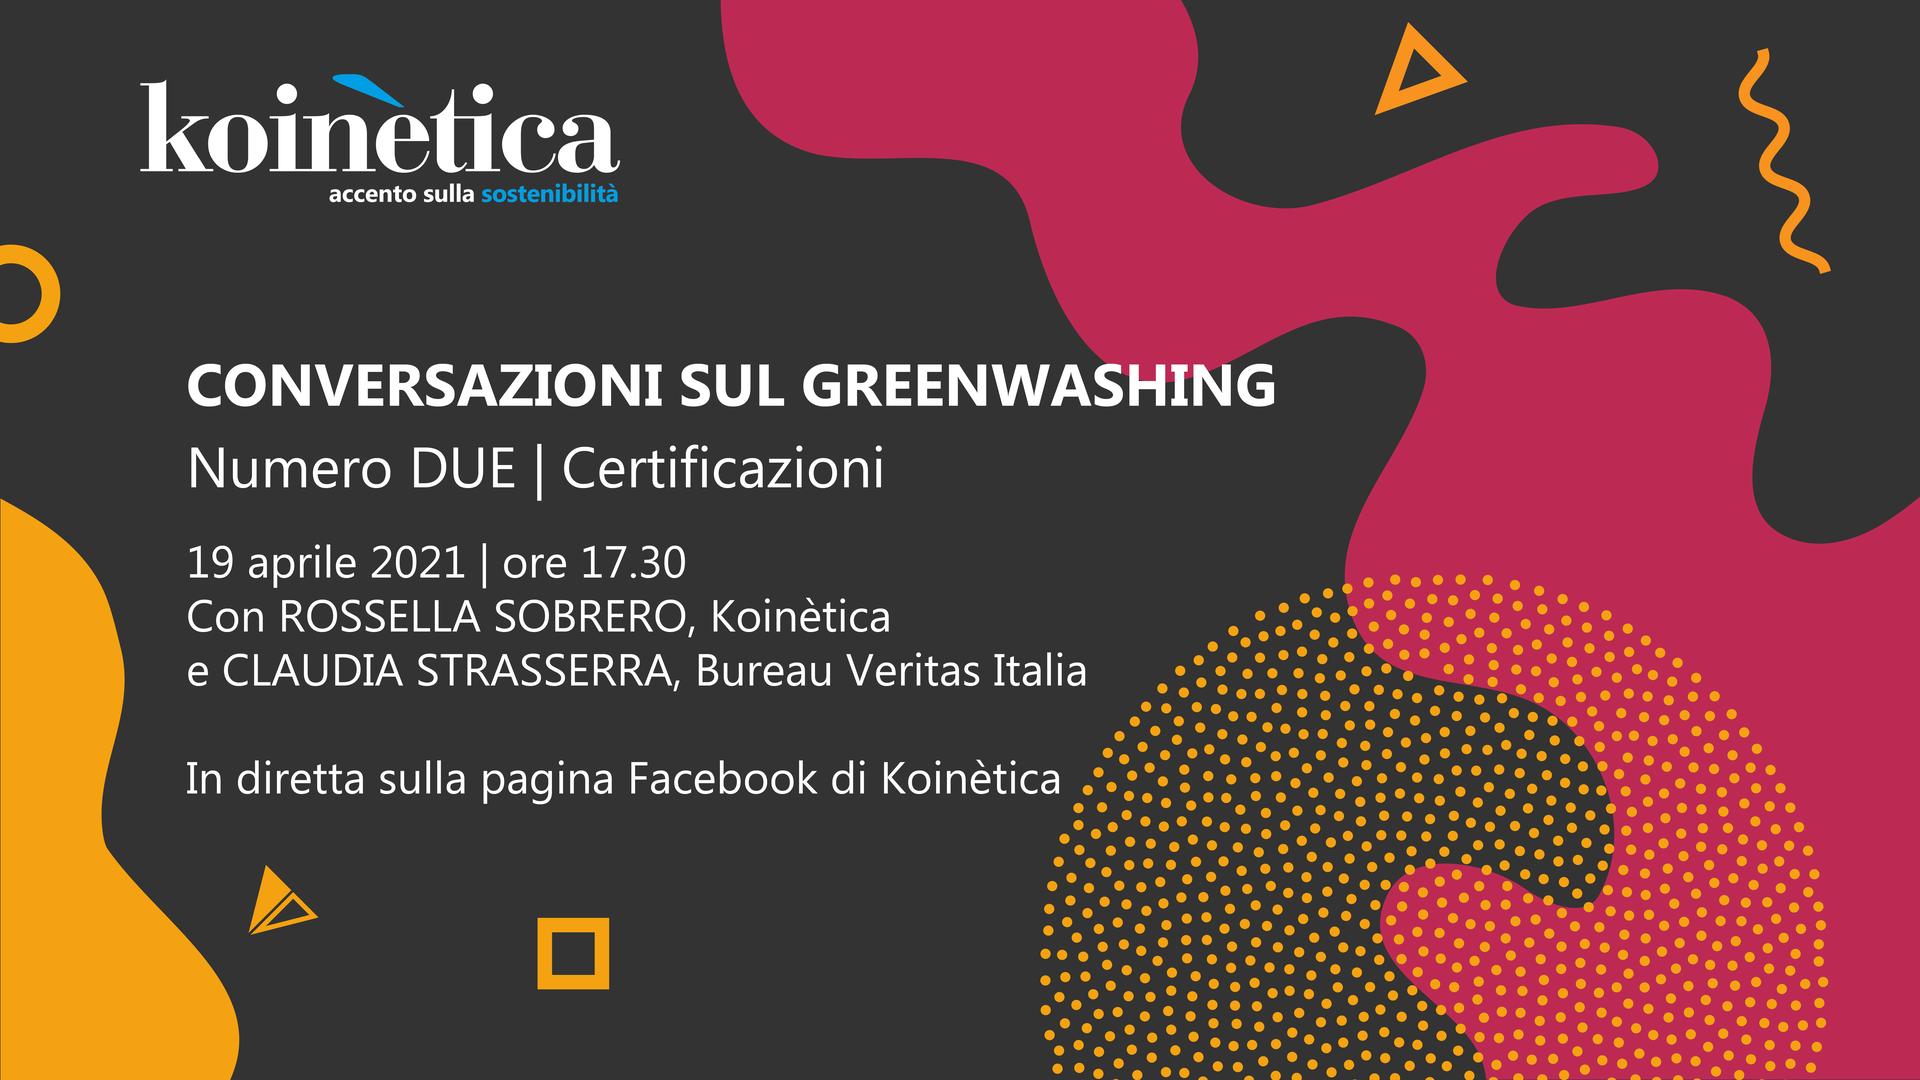 CONVERSAZIONI SUL GREENWASHING - Focus certificazioni - 19 aprile 2021 - alle ore 17.30